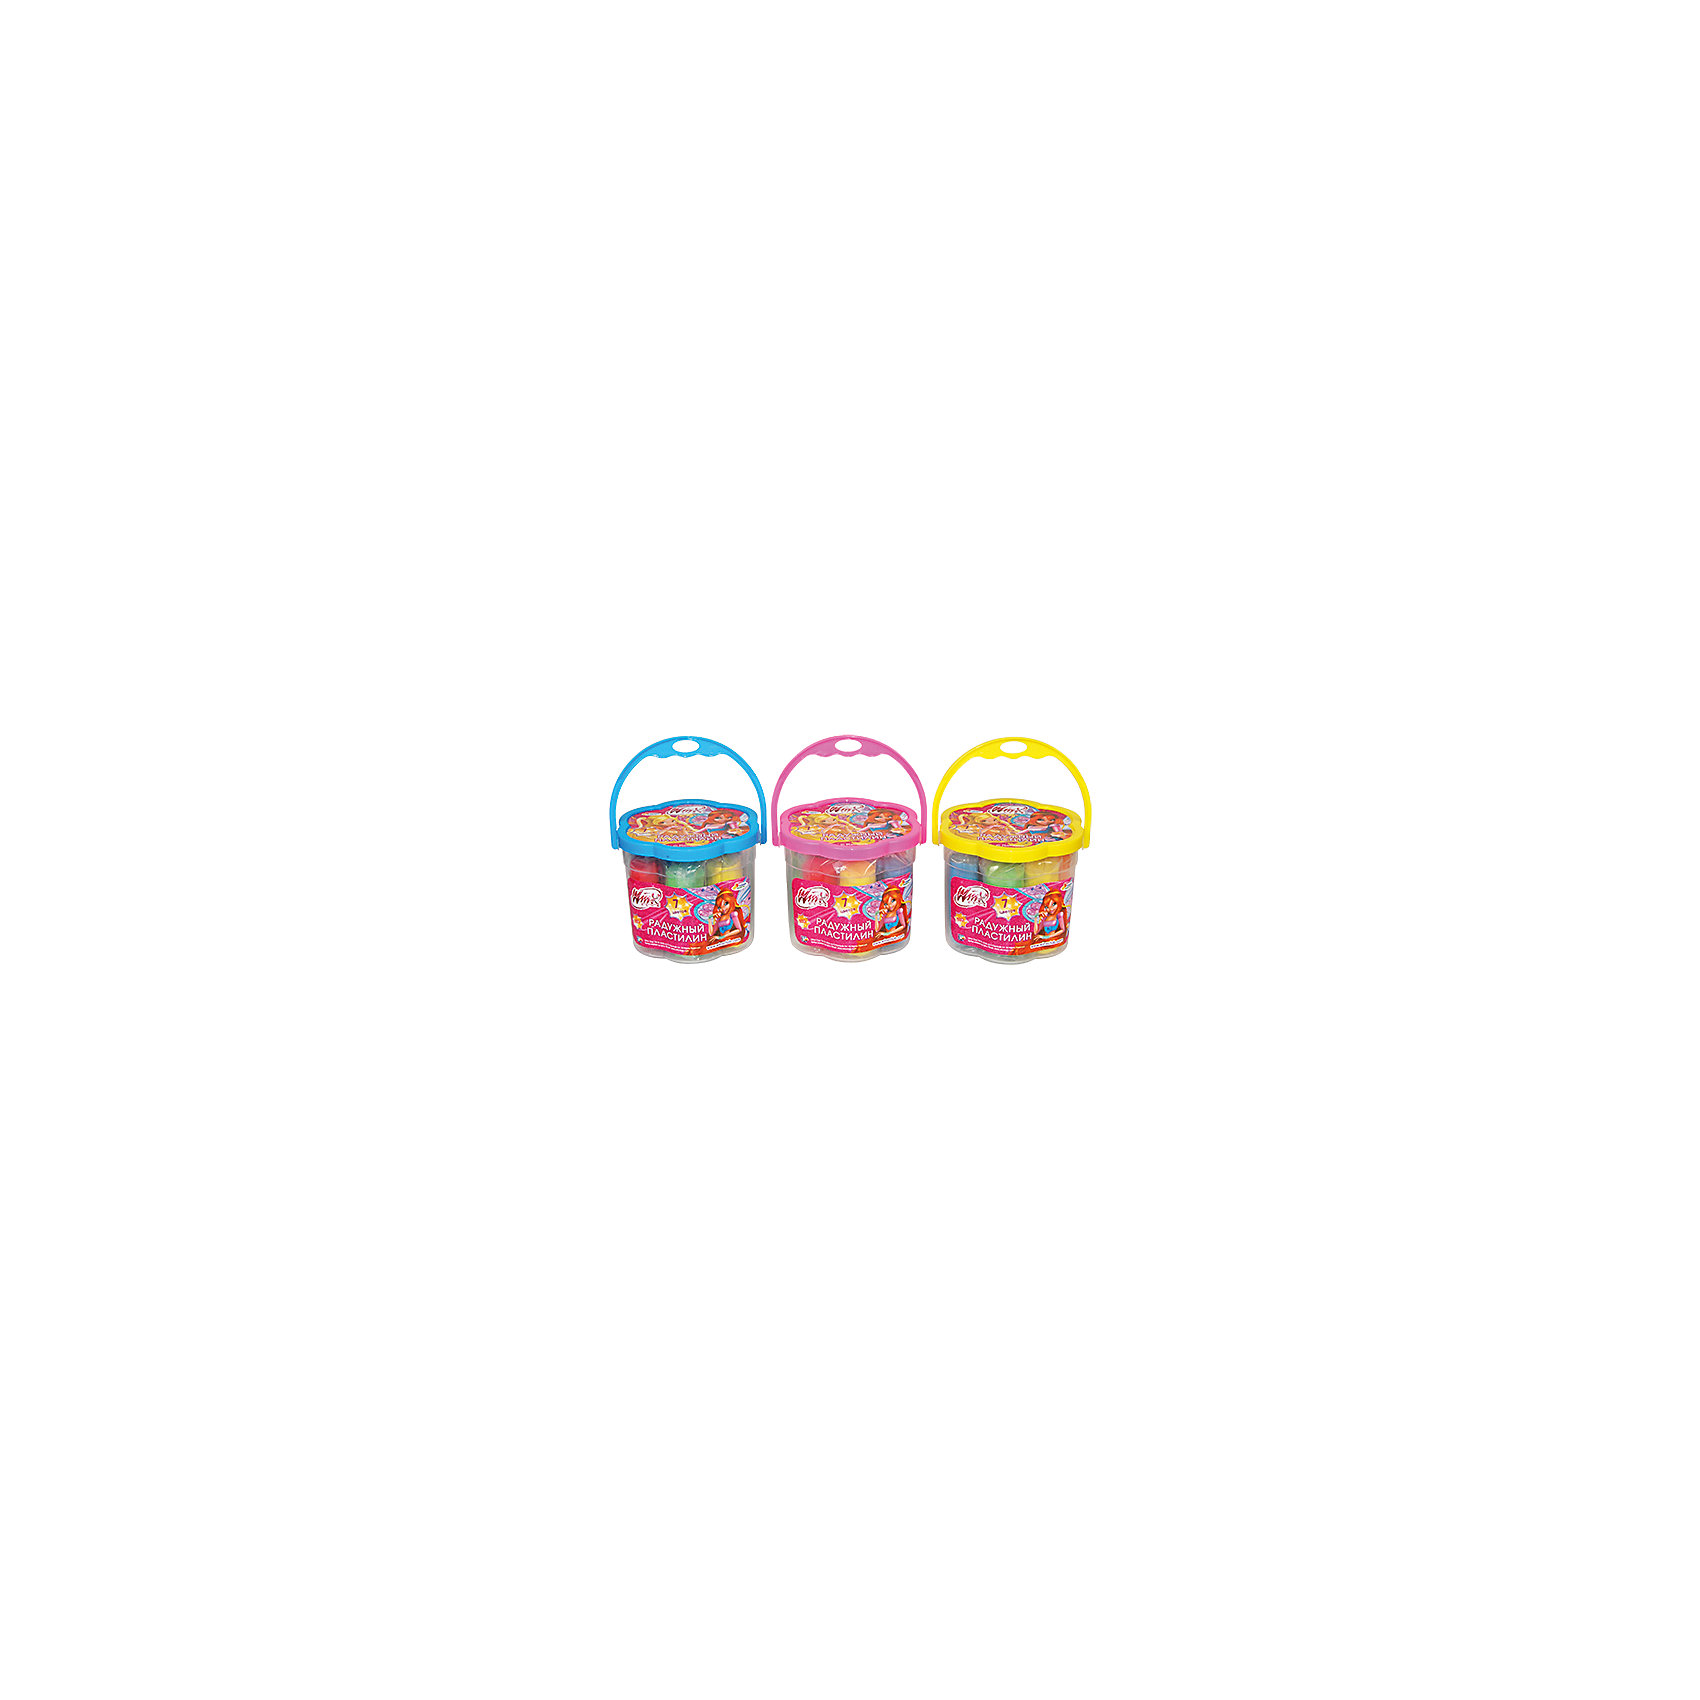 Пластилин в ведре, Winx Club, 7 цветовЛепка<br>В набор Winx Club входят пластилин 7 цветов и ведерко, в котором удобно хранить готовые работы или неиспользованный пластилин. Легко мнется. Не вызывает аллергии, развивает мелкую моторику, воображение и аккуратность. Прекрасный вариант для творчества с феями Винкс!<br>Дополнительная информация:<br>-в наборе: пластилин 7 цветов, ведерко<br>Сказочный персонаж: Winx Club<br>-вес: 650 грамм<br>-размер упаковки: 11х10х11 см<br>Пластилин Winx Club вы можете купить в нашем интернет-магазине.<br><br>Ширина мм: 110<br>Глубина мм: 100<br>Высота мм: 110<br>Вес г: 650<br>Возраст от месяцев: 36<br>Возраст до месяцев: 84<br>Пол: Женский<br>Возраст: Детский<br>SKU: 4915459